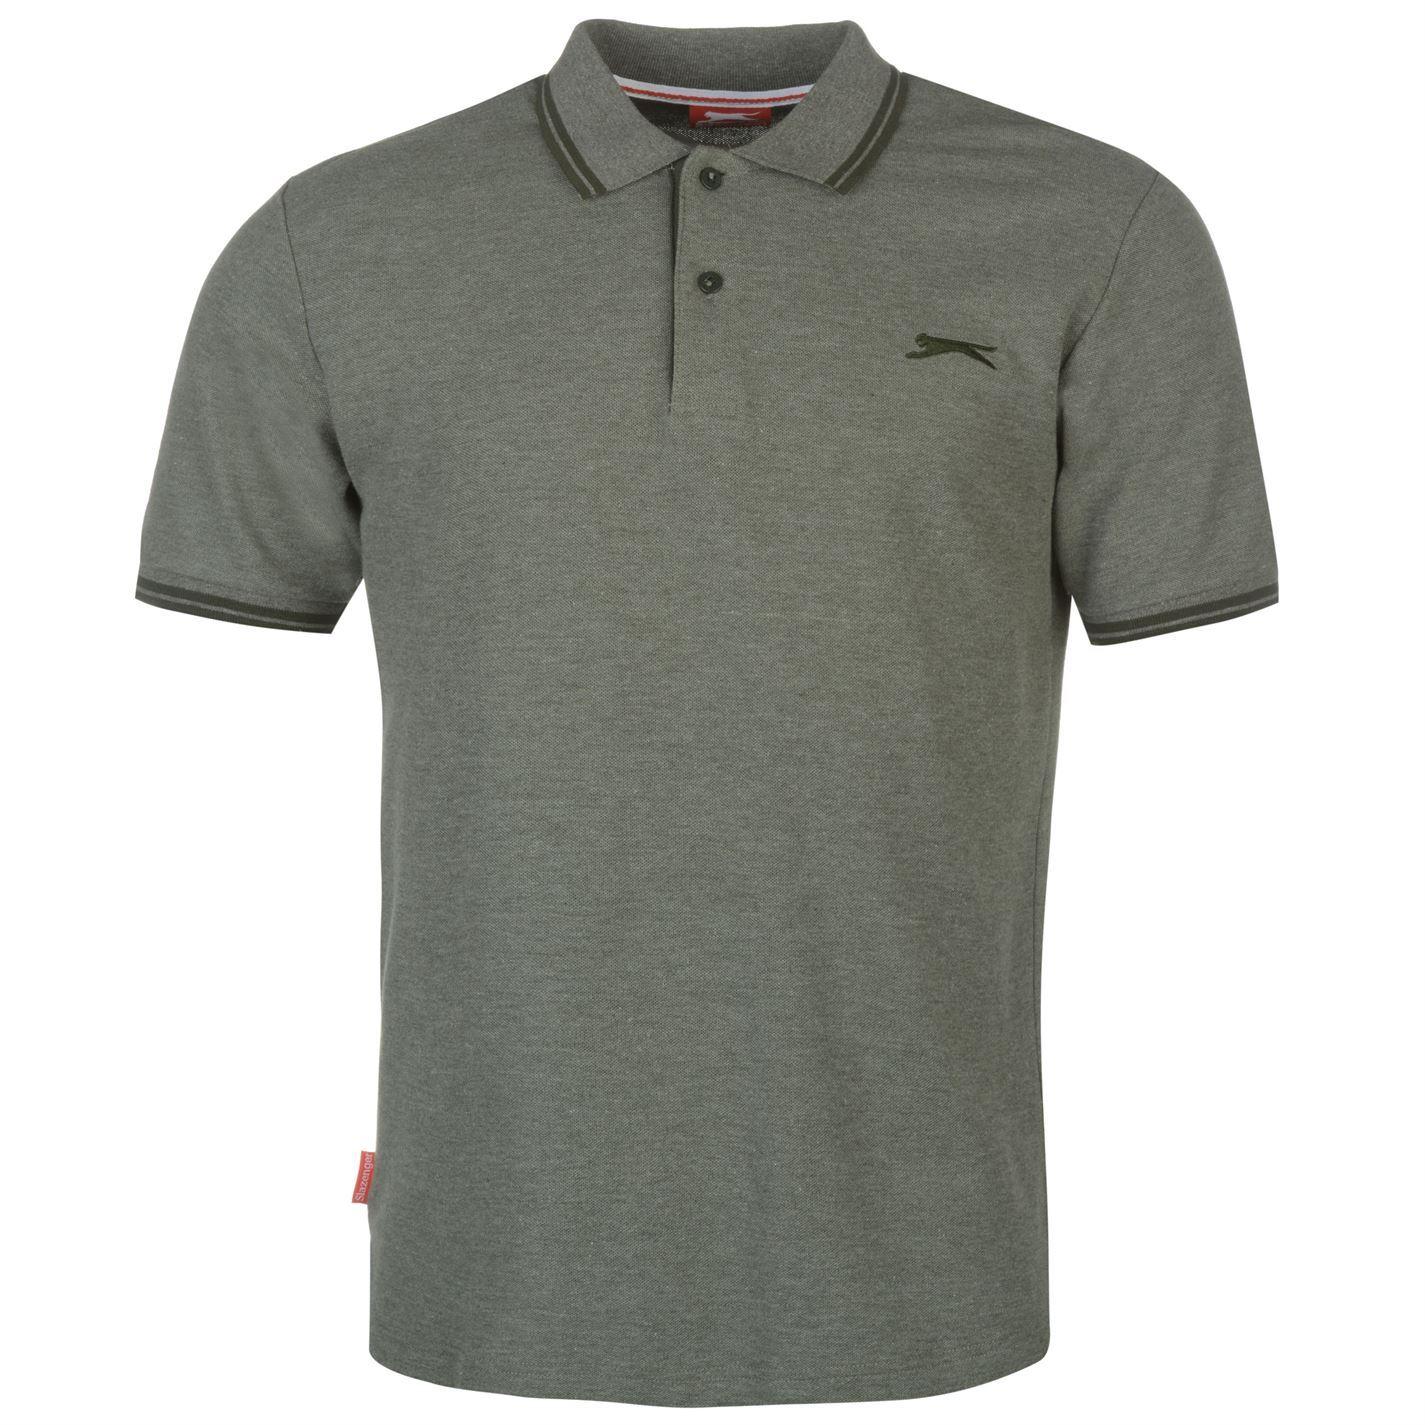 Slazenger-Polo-Camisa-de-hombre-con-cuello-con-Punta-T-Shirt-Top-Camiseta-Tee miniatura 53